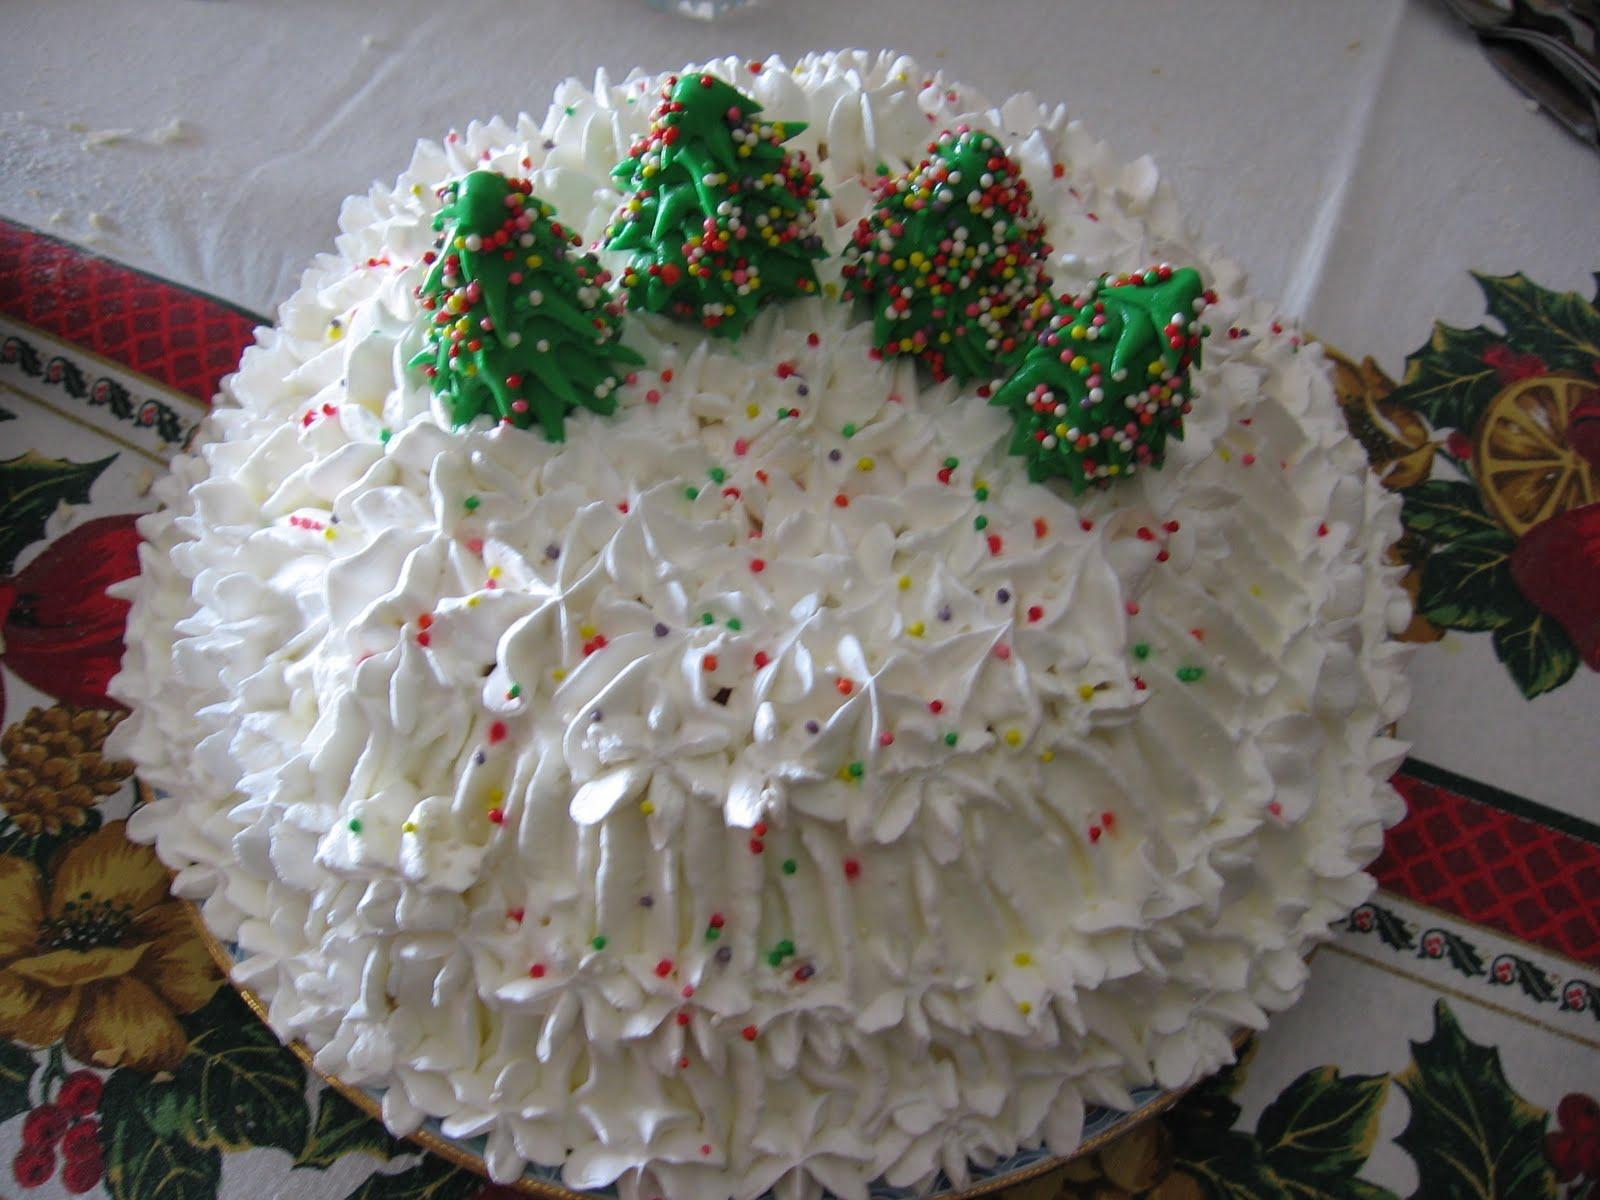 Dalla a allo zucchero zuccotto toscano versione natalizia for Decorazione zuccotto